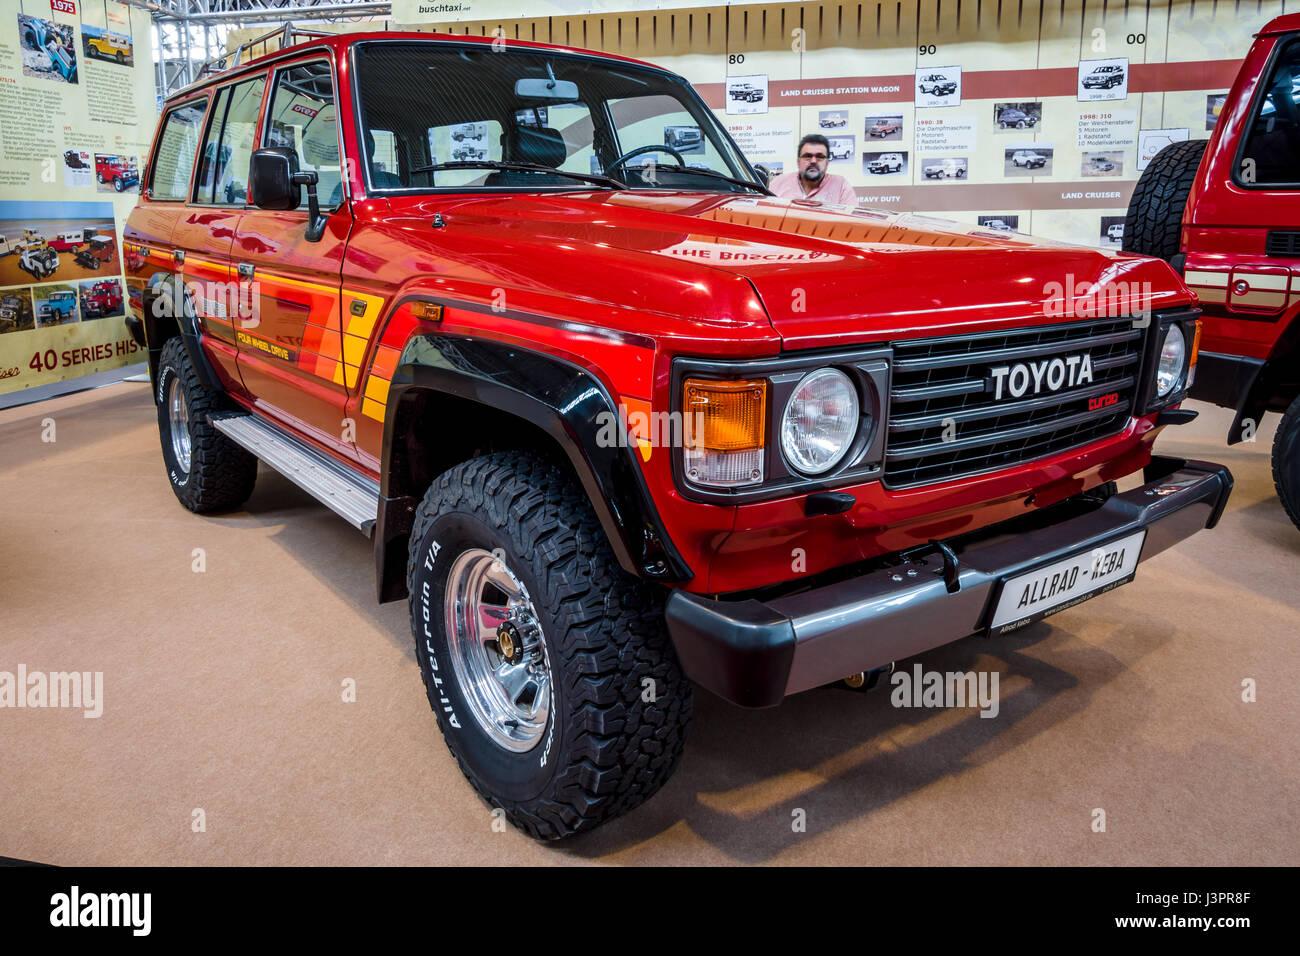 STUTTGART, Alemanha   MARÇO 03, 2017: Full Size SUV Toyota Land Cruiser  J60, 1985. Maiores Da Europa De Exposições De Automóveis Clássicos  Clássicos U0027RETROu0027